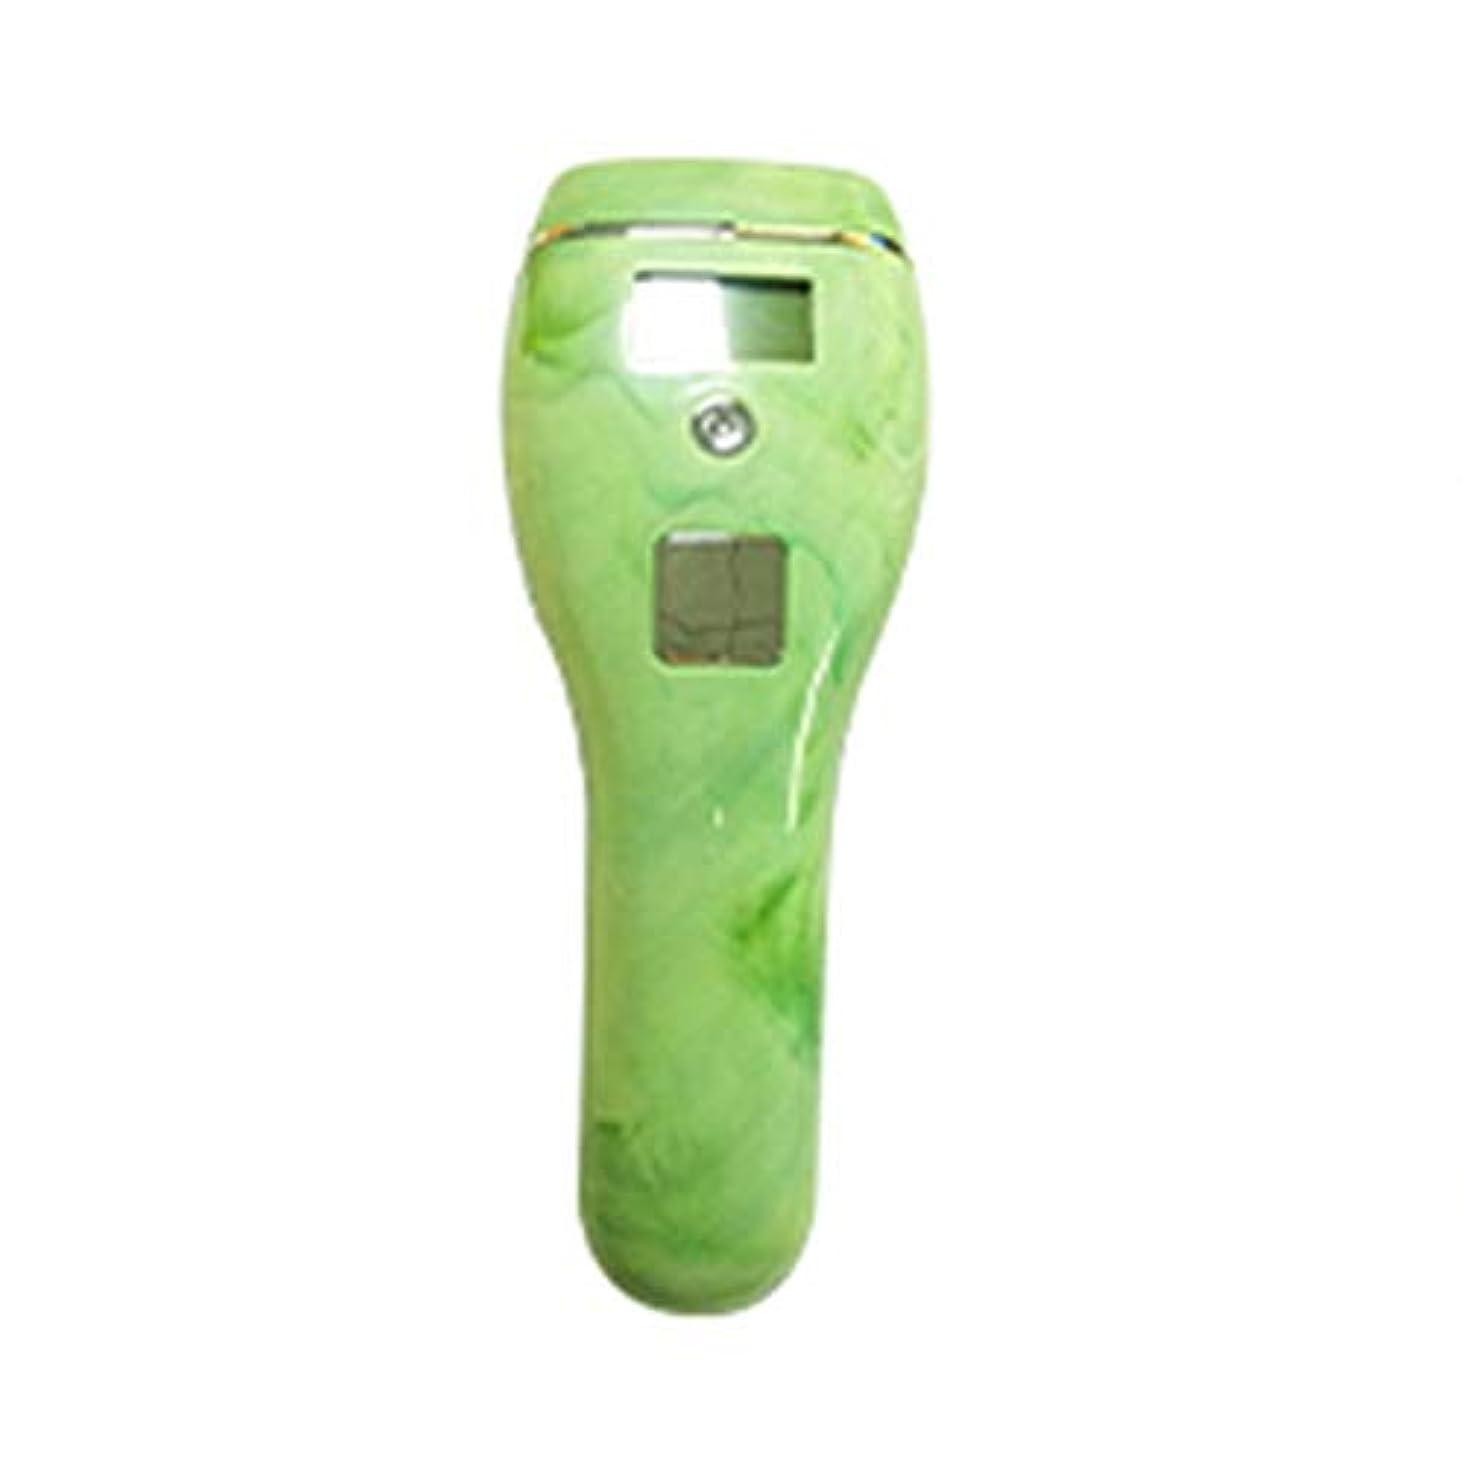 同志コック間接的Xihouxian 自動肌のカラーセンシング、グリーン、5速調整、クォーツチューブ、携帯用痛みのない全身凍結乾燥用除湿器、サイズ19x7x5cm D40 (Color : Green)